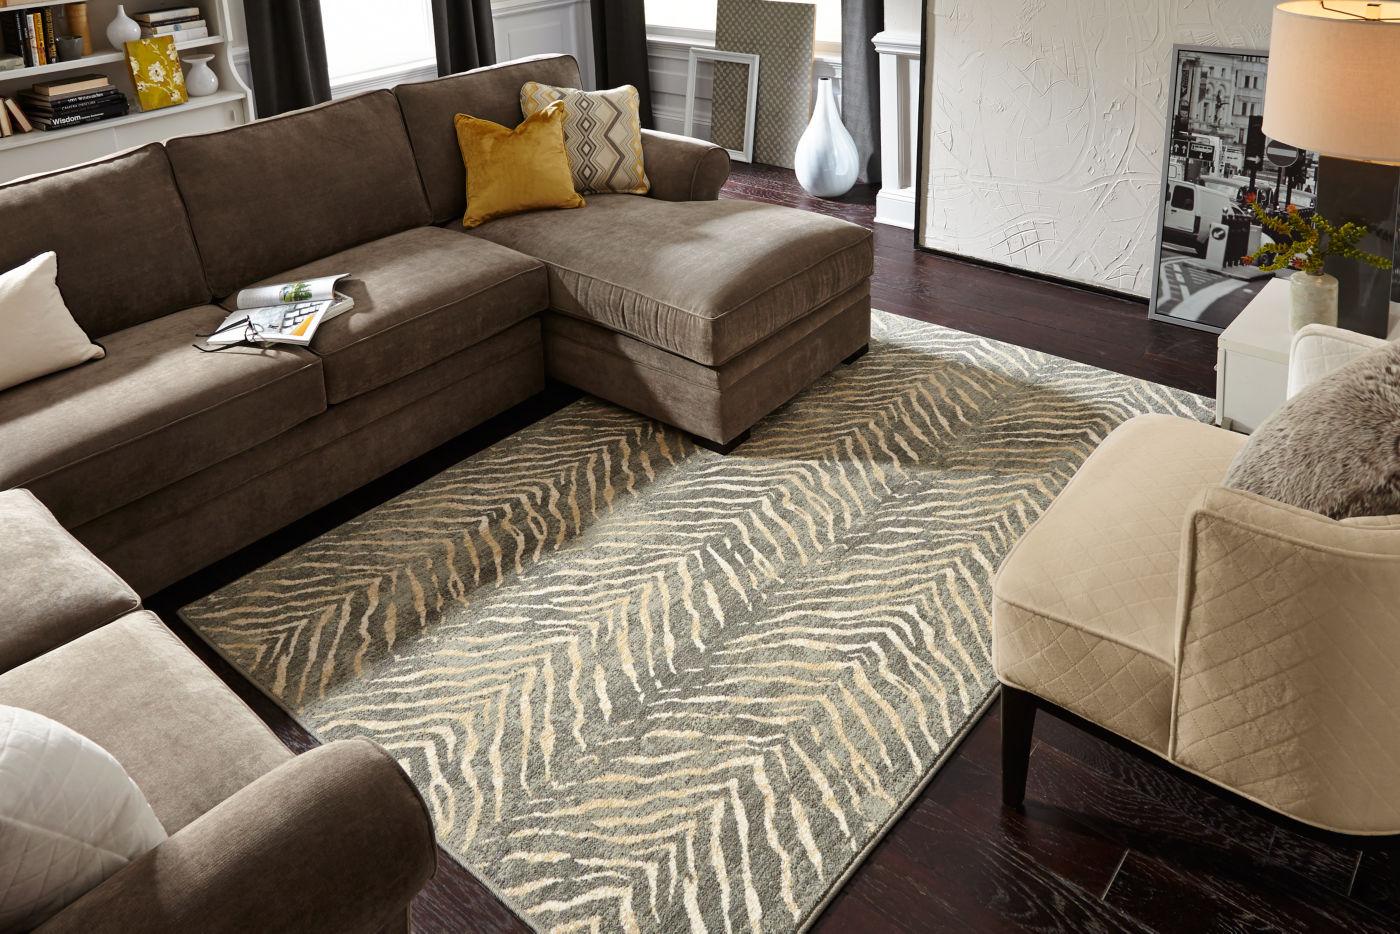 Karastan rug for posh living room | Dolphin Carpet & Tile